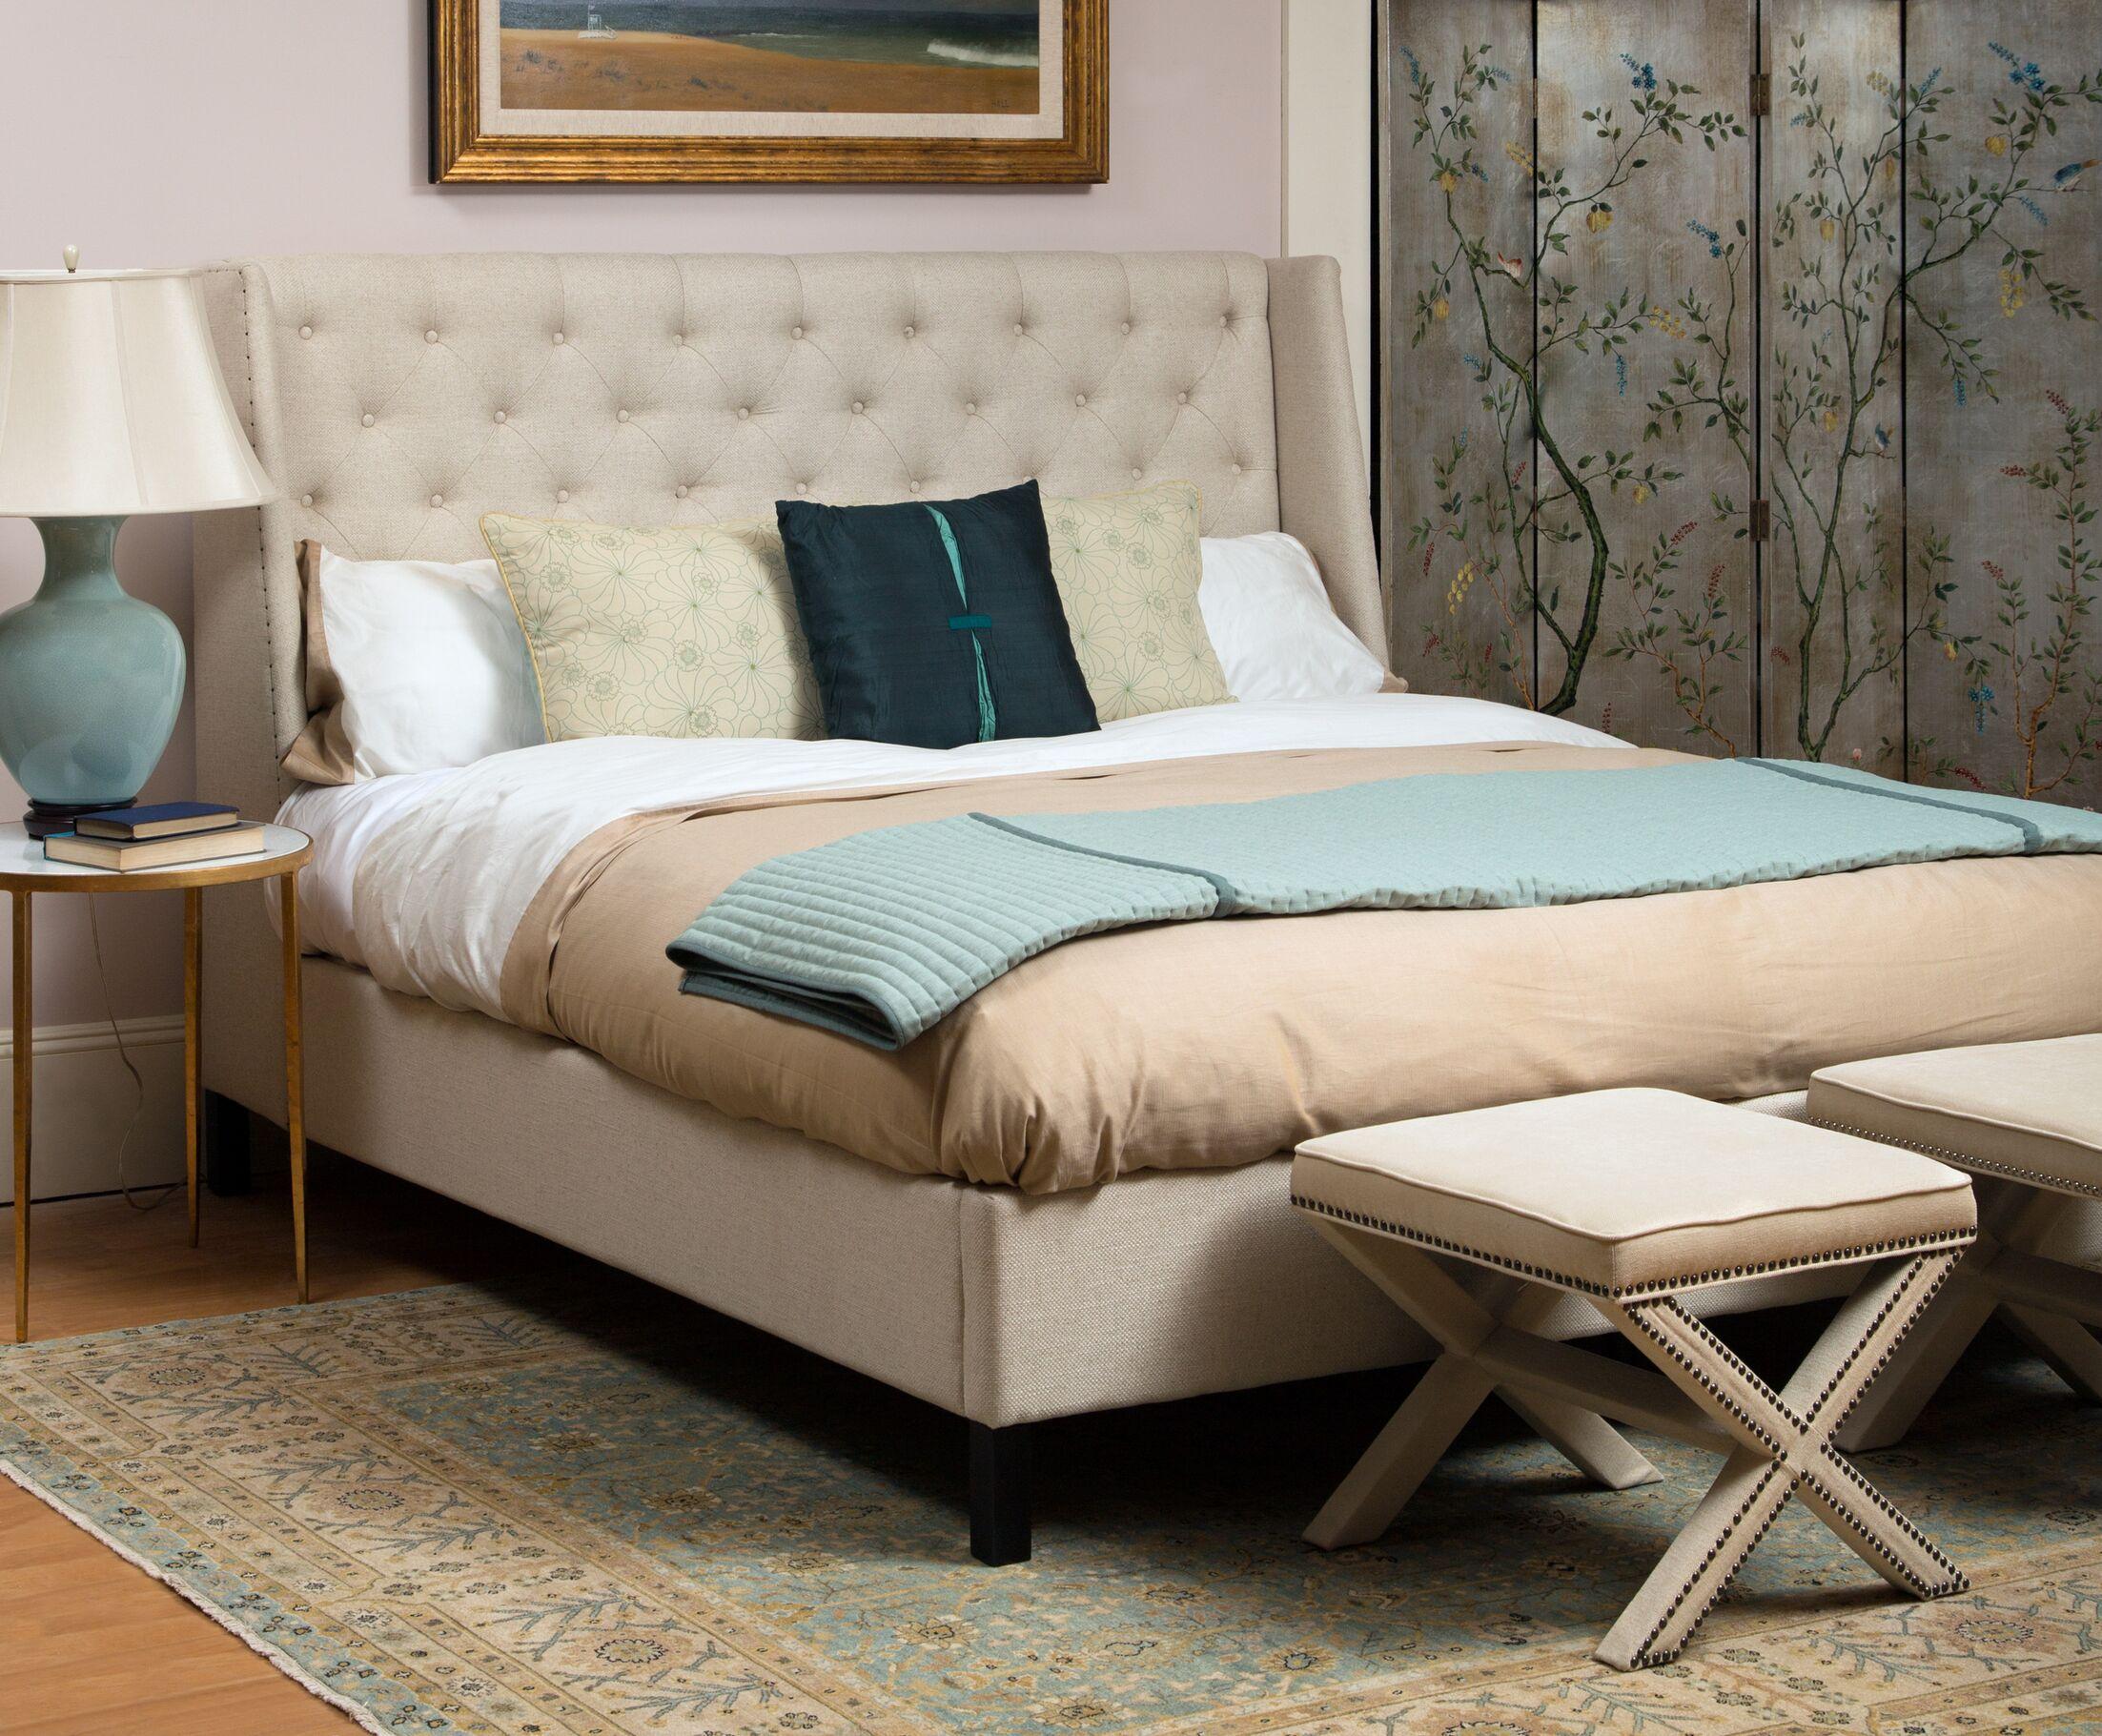 Filton Upholstered Panel Bed Color: Natural, Size: King